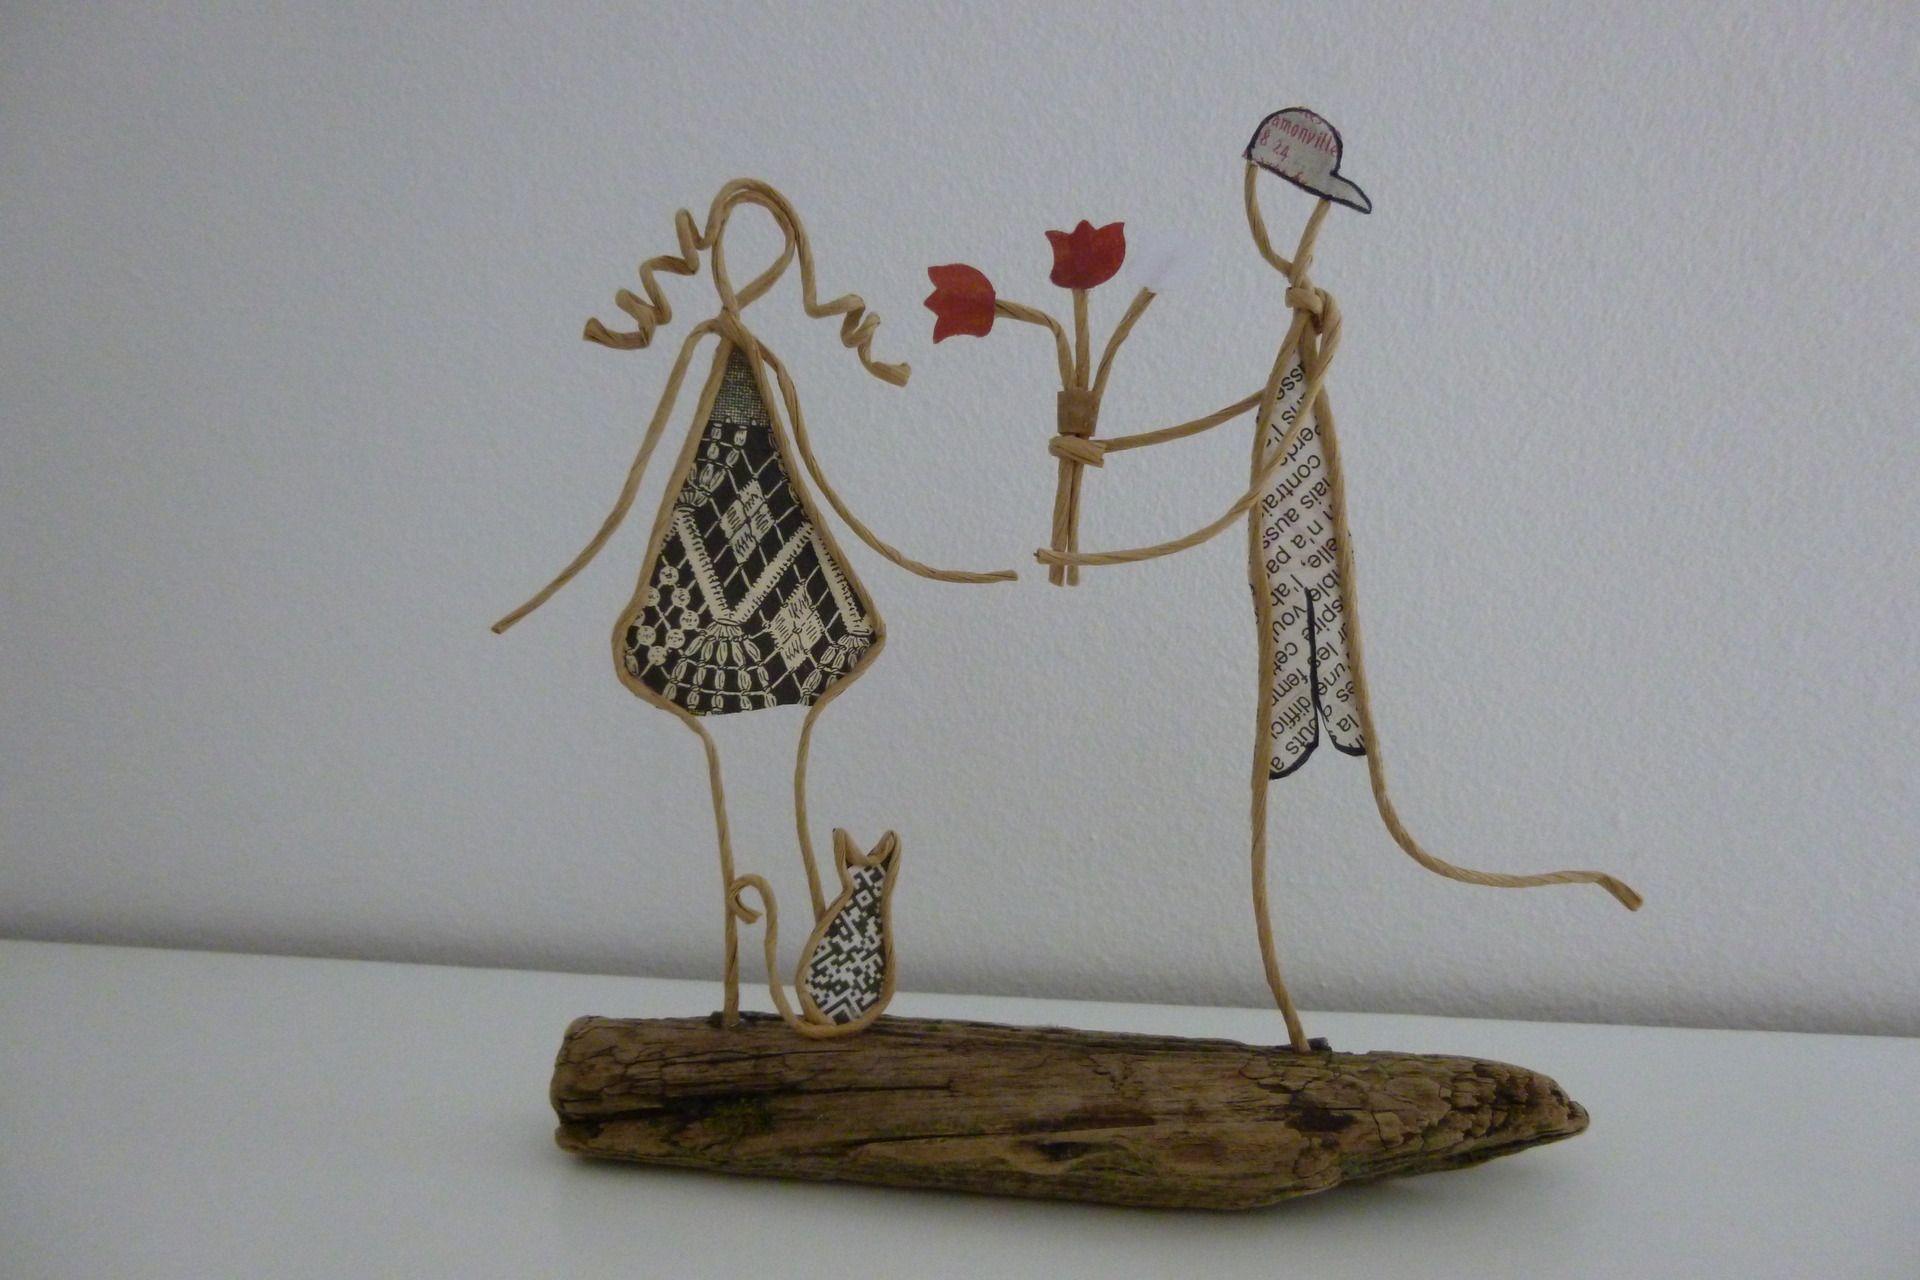 accessoires de maison les amoureux figurine en ficelle 10491225 p1030620 5001c da699. Black Bedroom Furniture Sets. Home Design Ideas